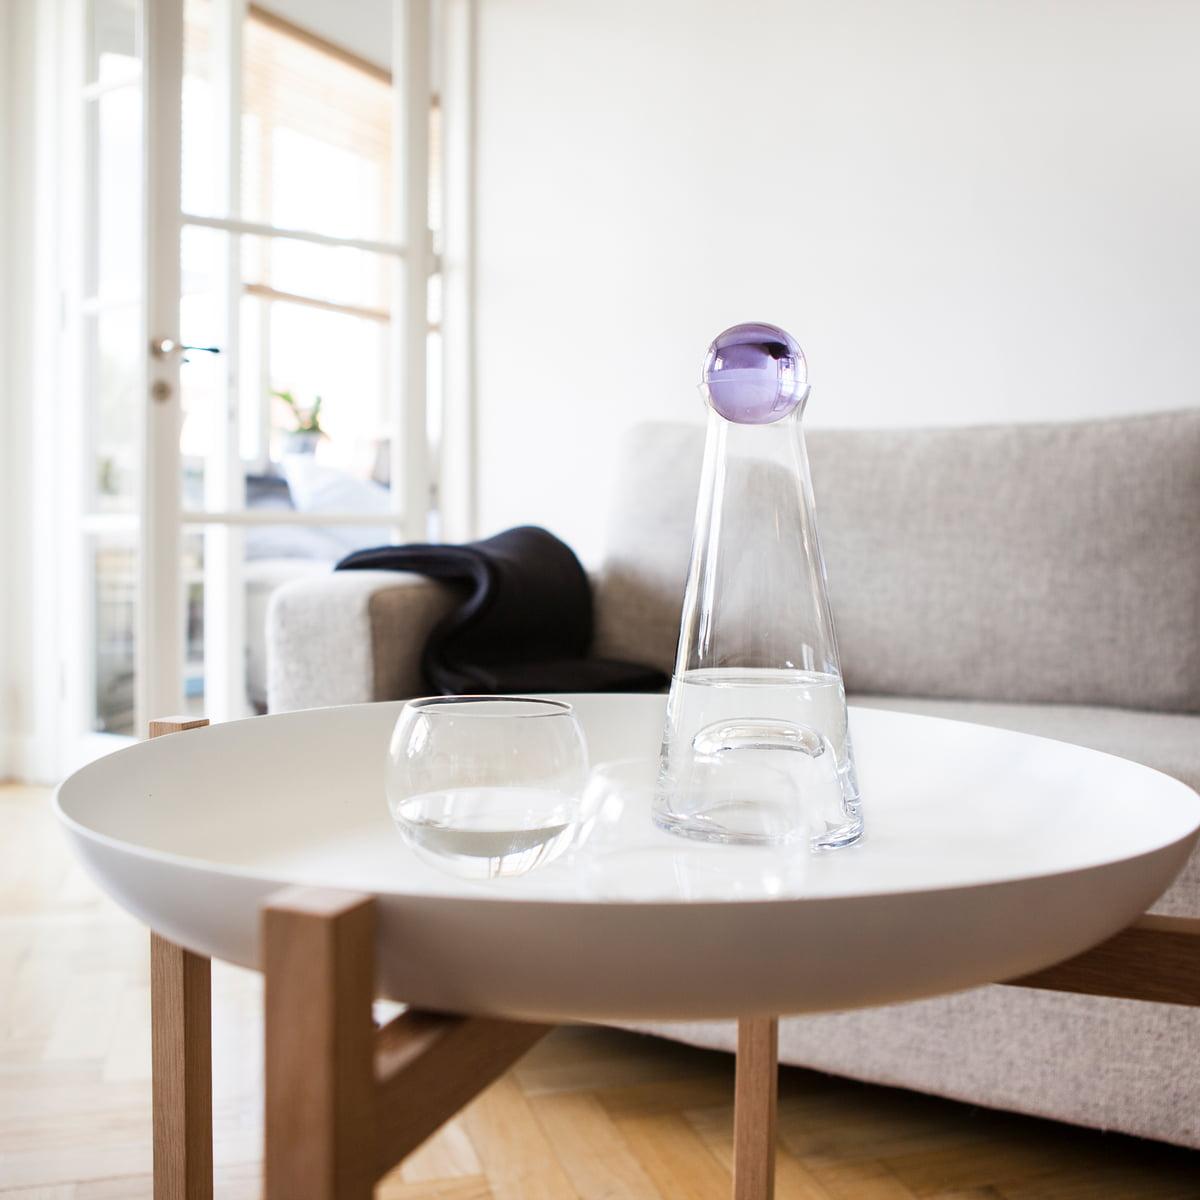 Tablo beistelltisch design house stockholm - Sofa tablett tisch ...